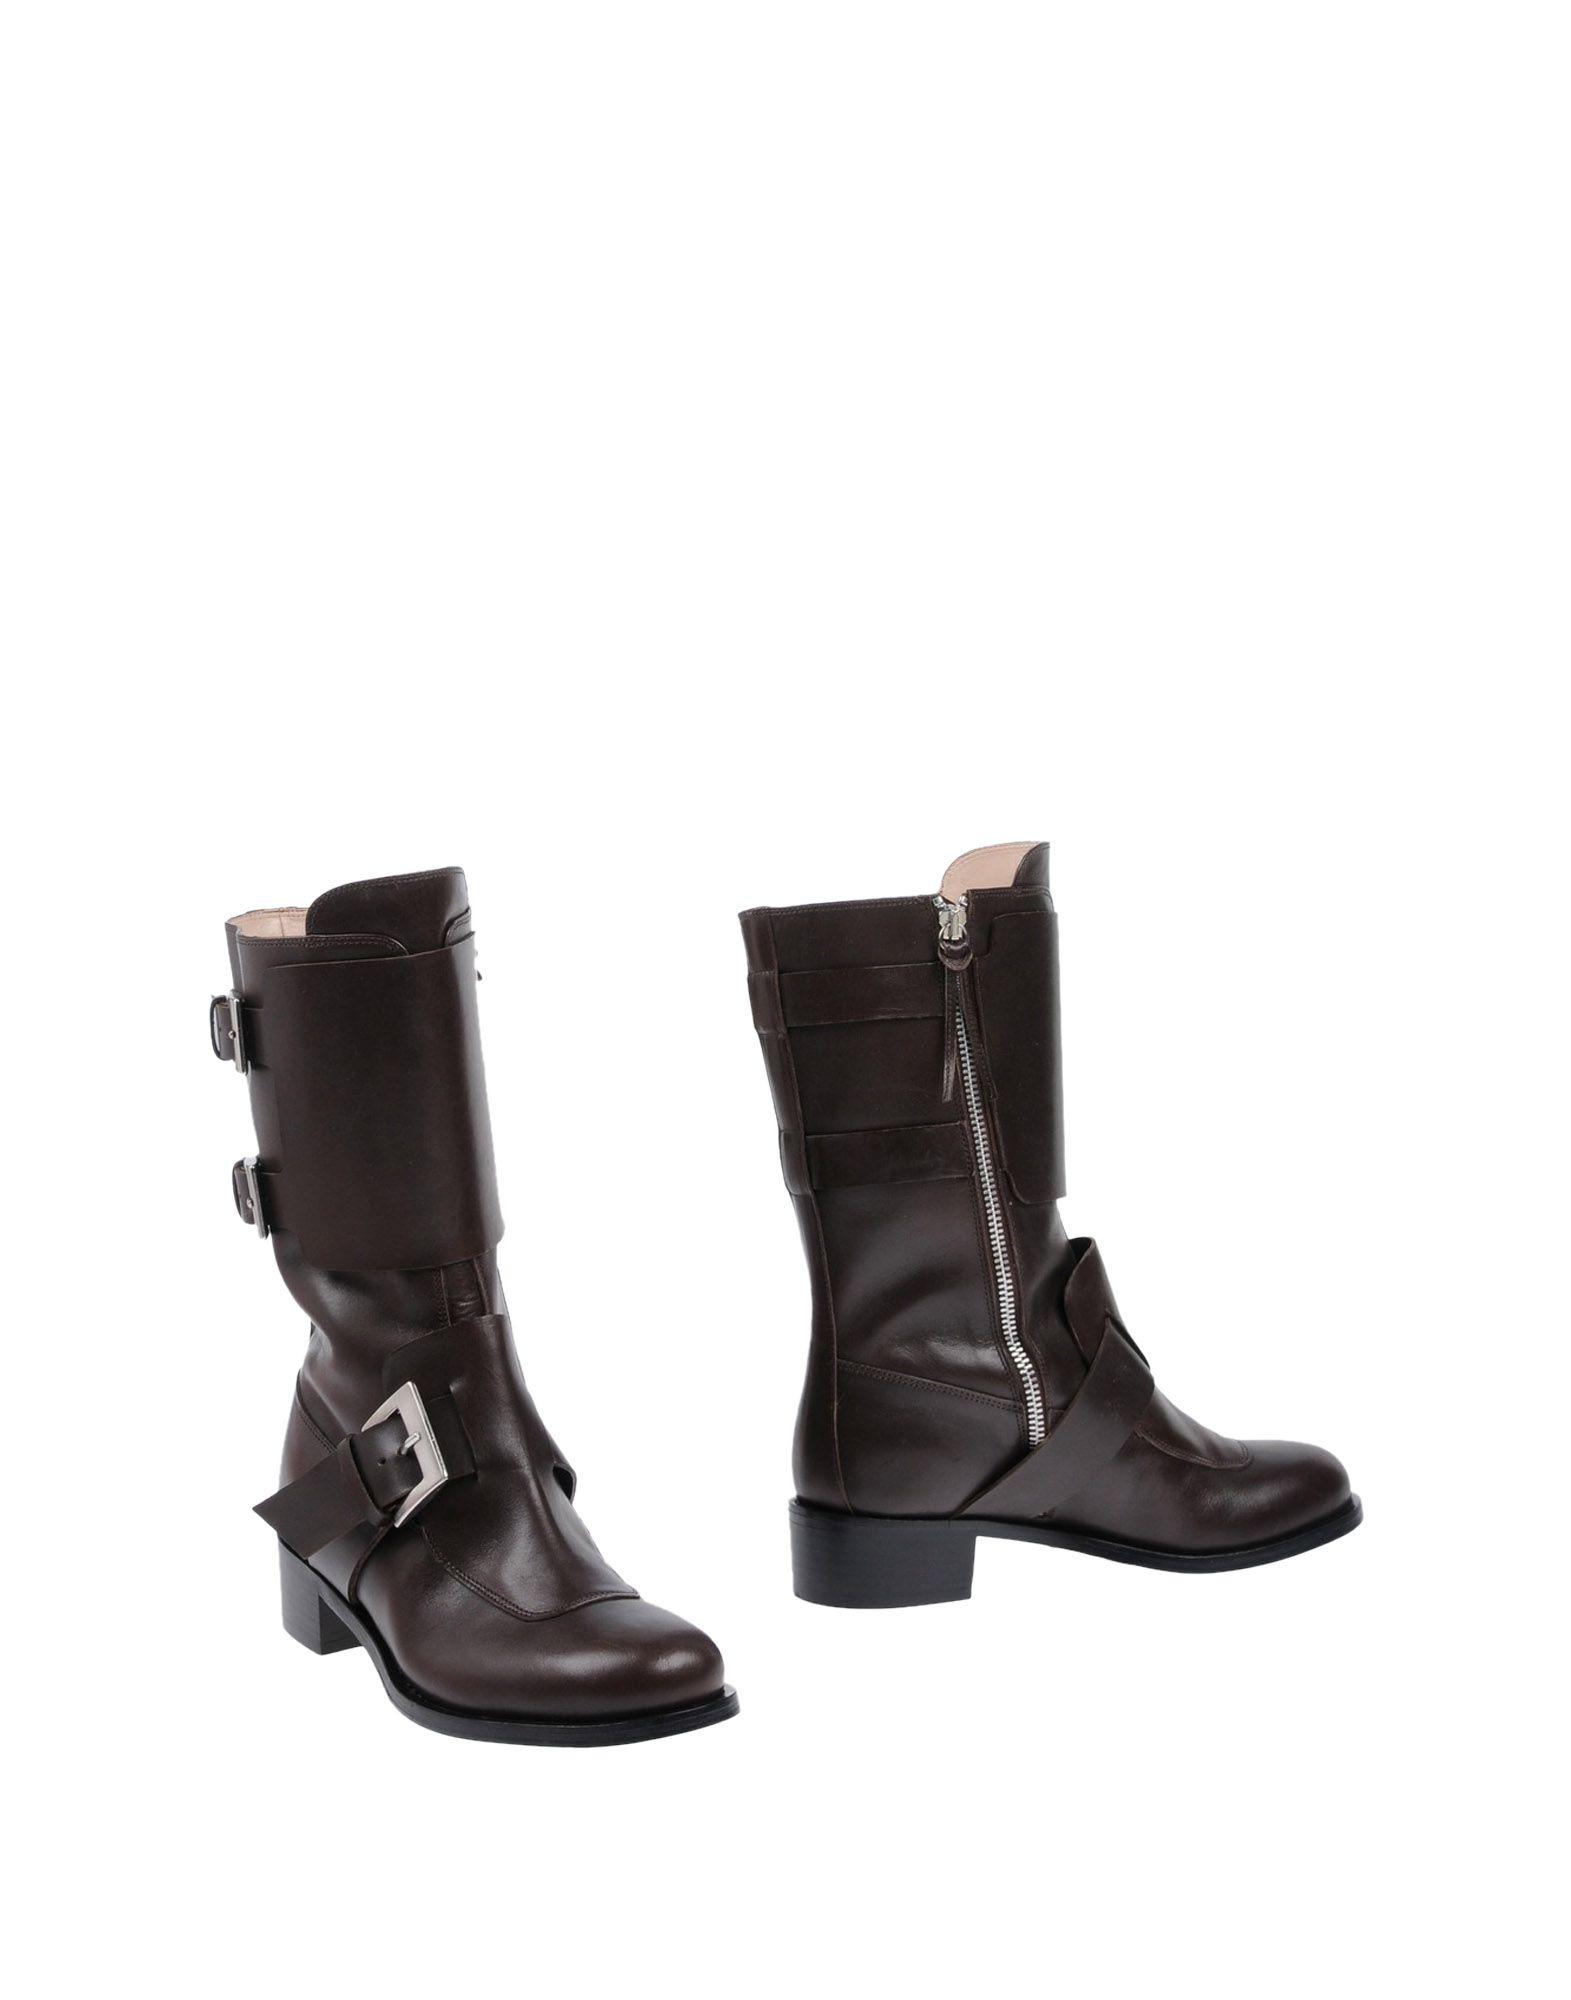 Cavallini Stiefelette Damen  11454383SHGut aussehende strapazierfähige Schuhe